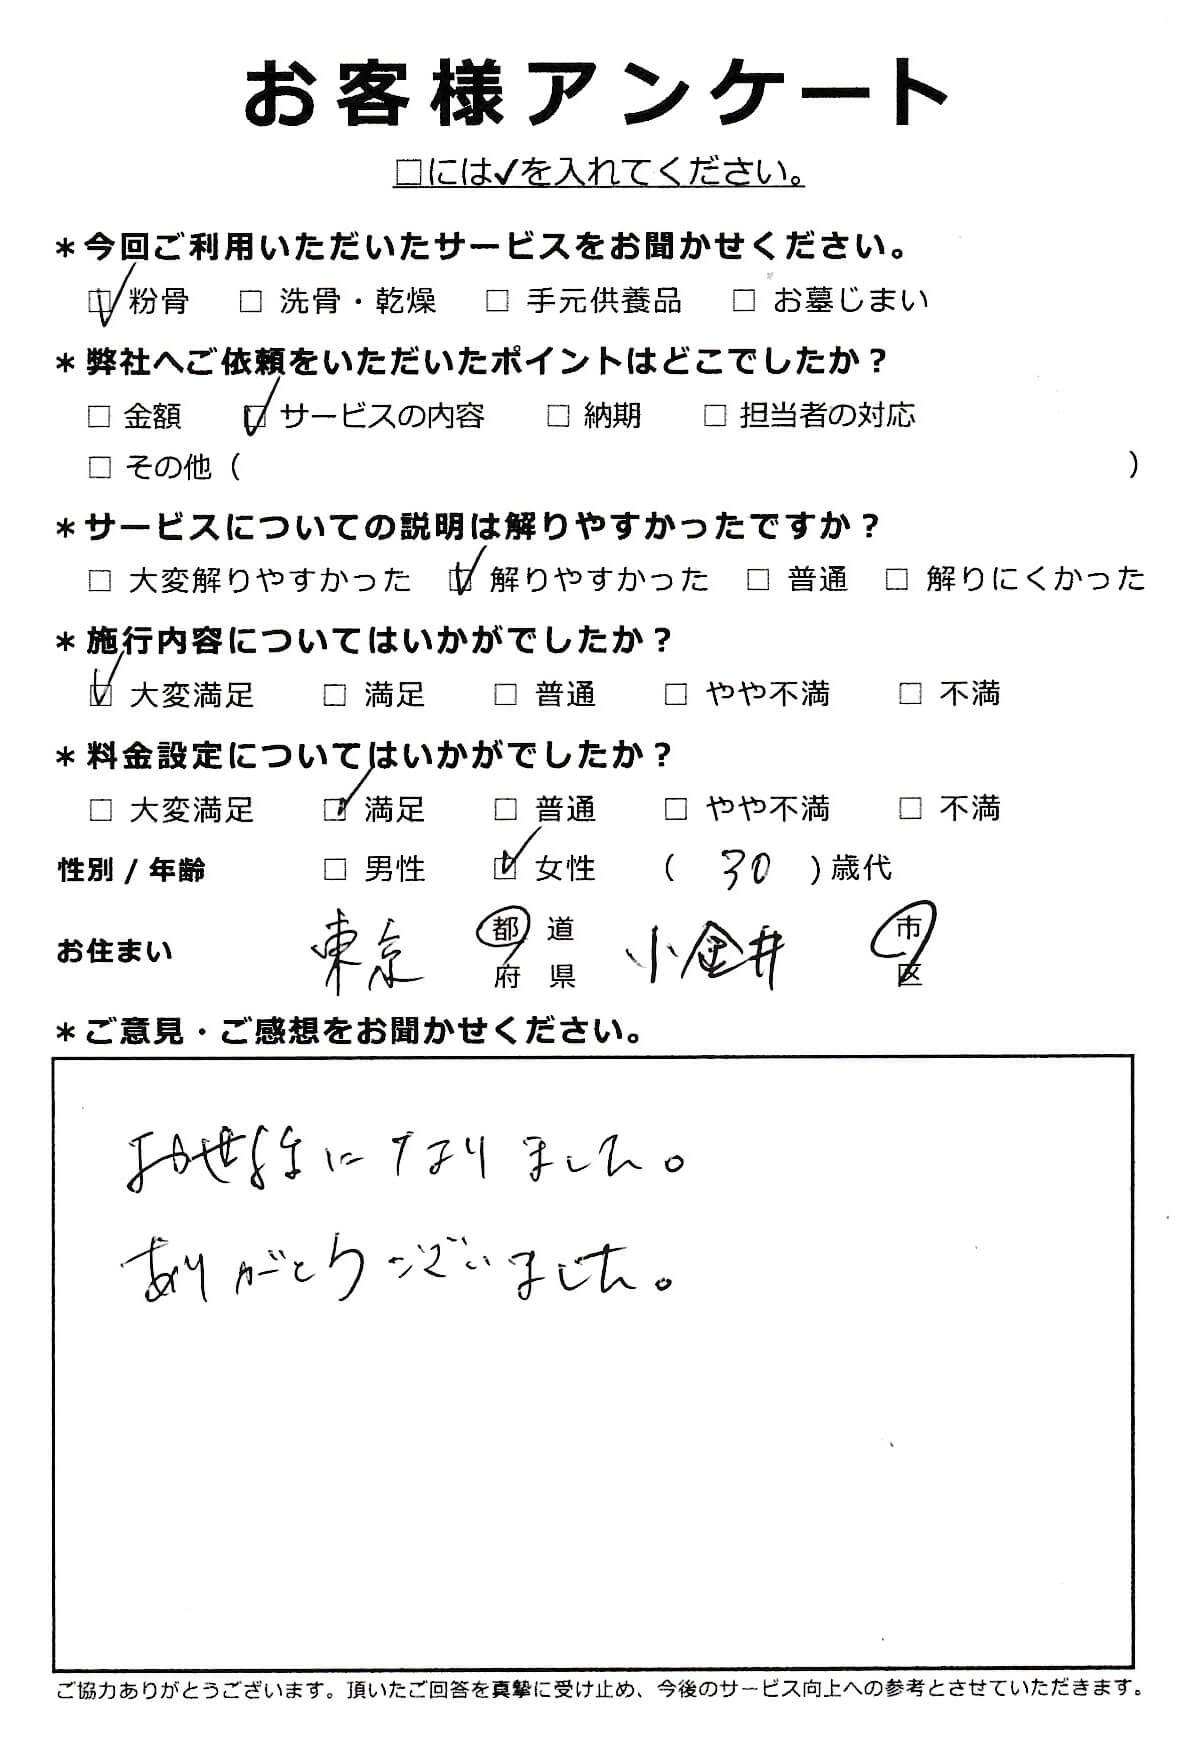 東京都小金井市での粉骨サービス